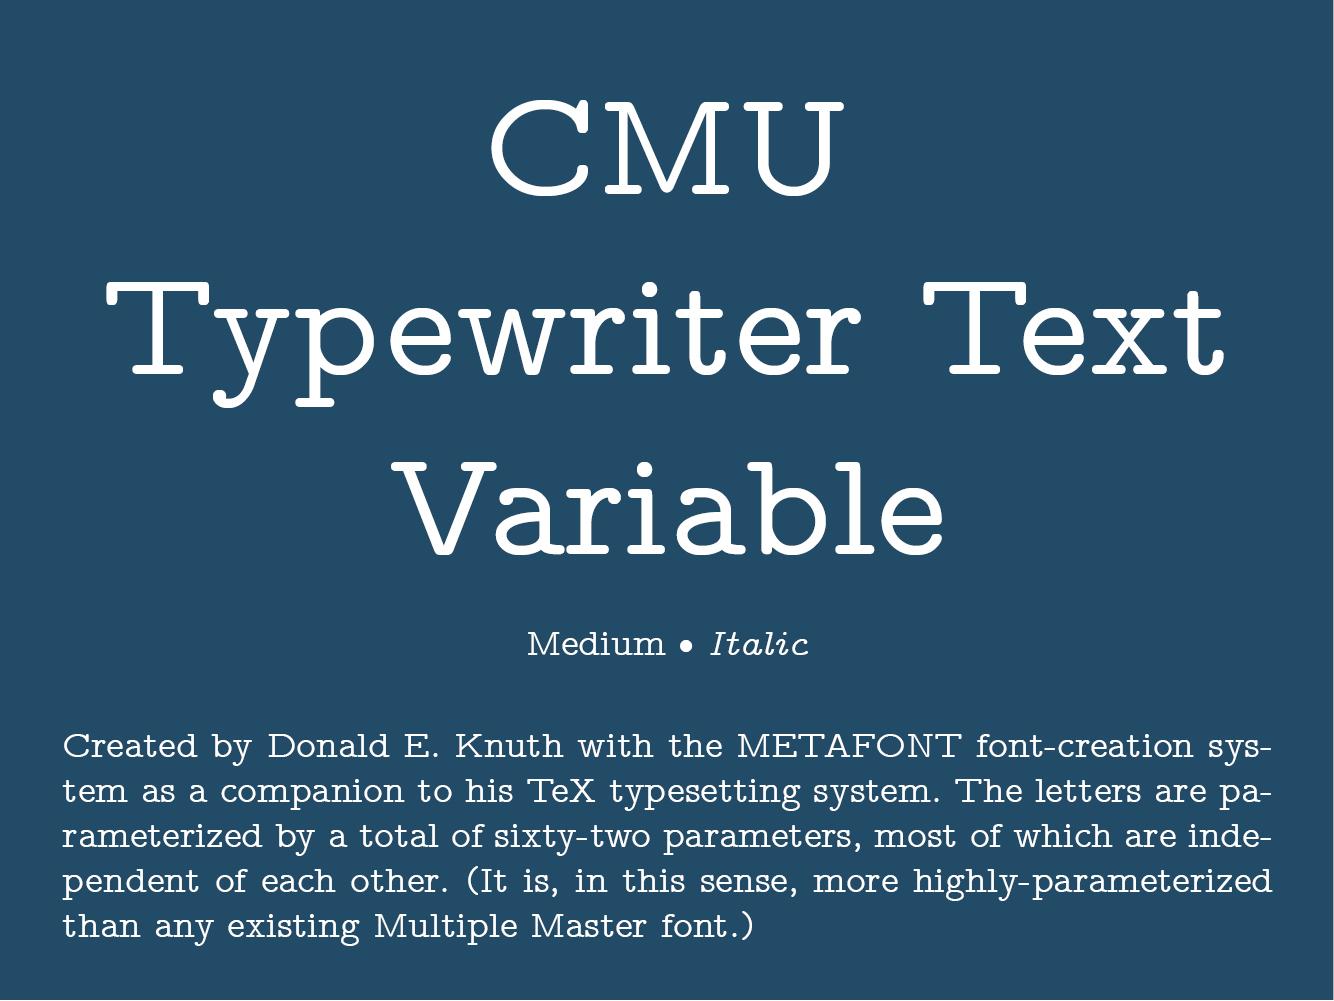 CMU Typewriter Text Variable